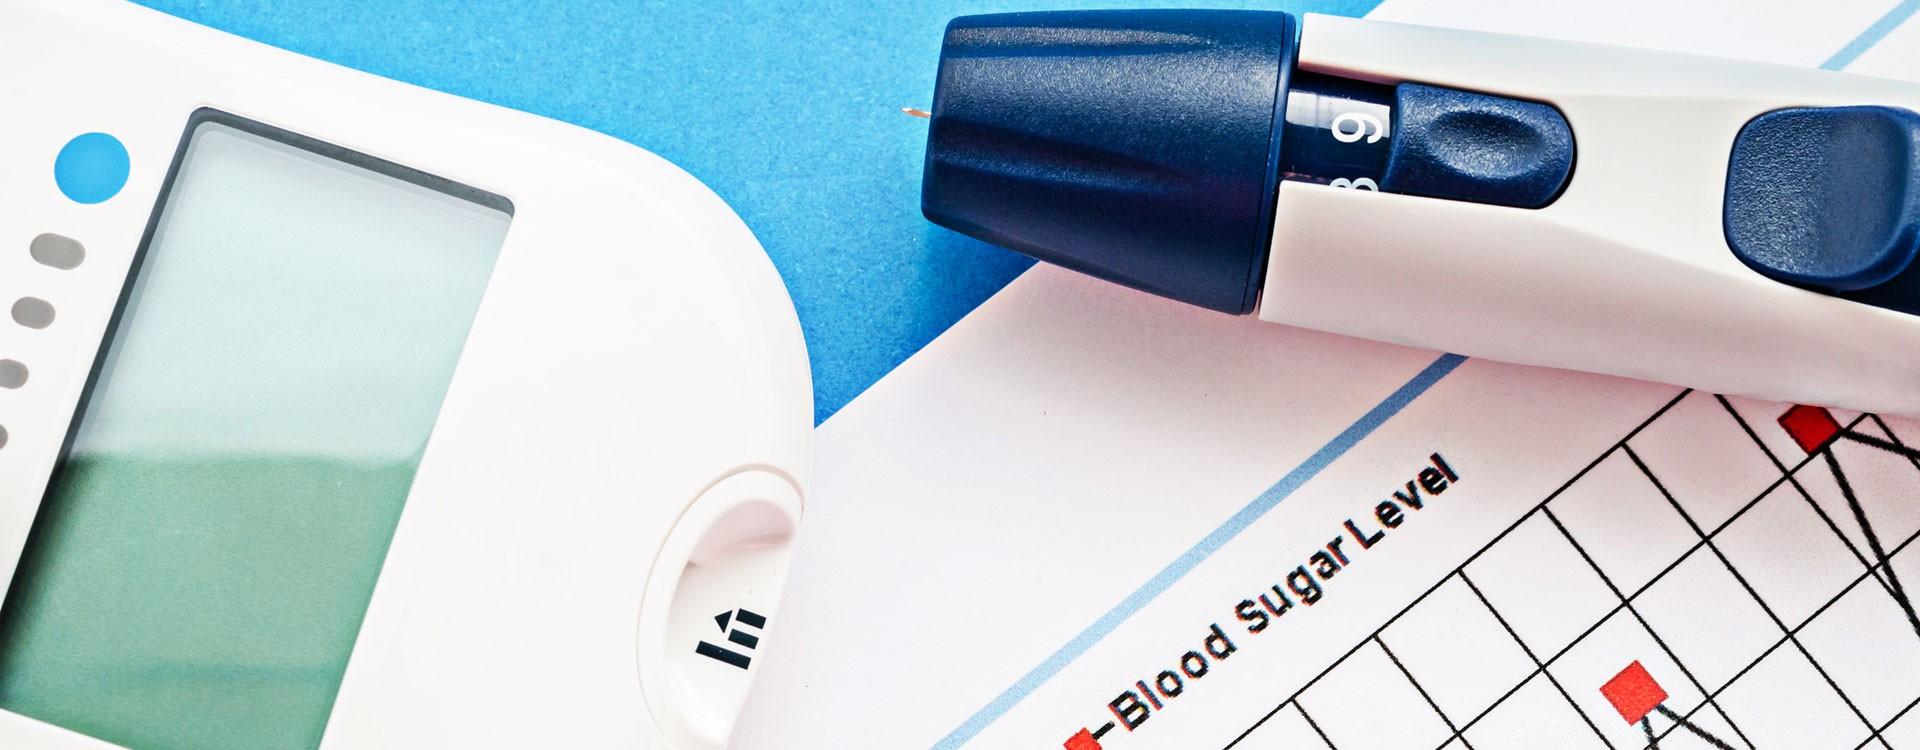 در هنگام خرید دستگاه تست قند خون باید به چه نکاتی توجه نماییم؟